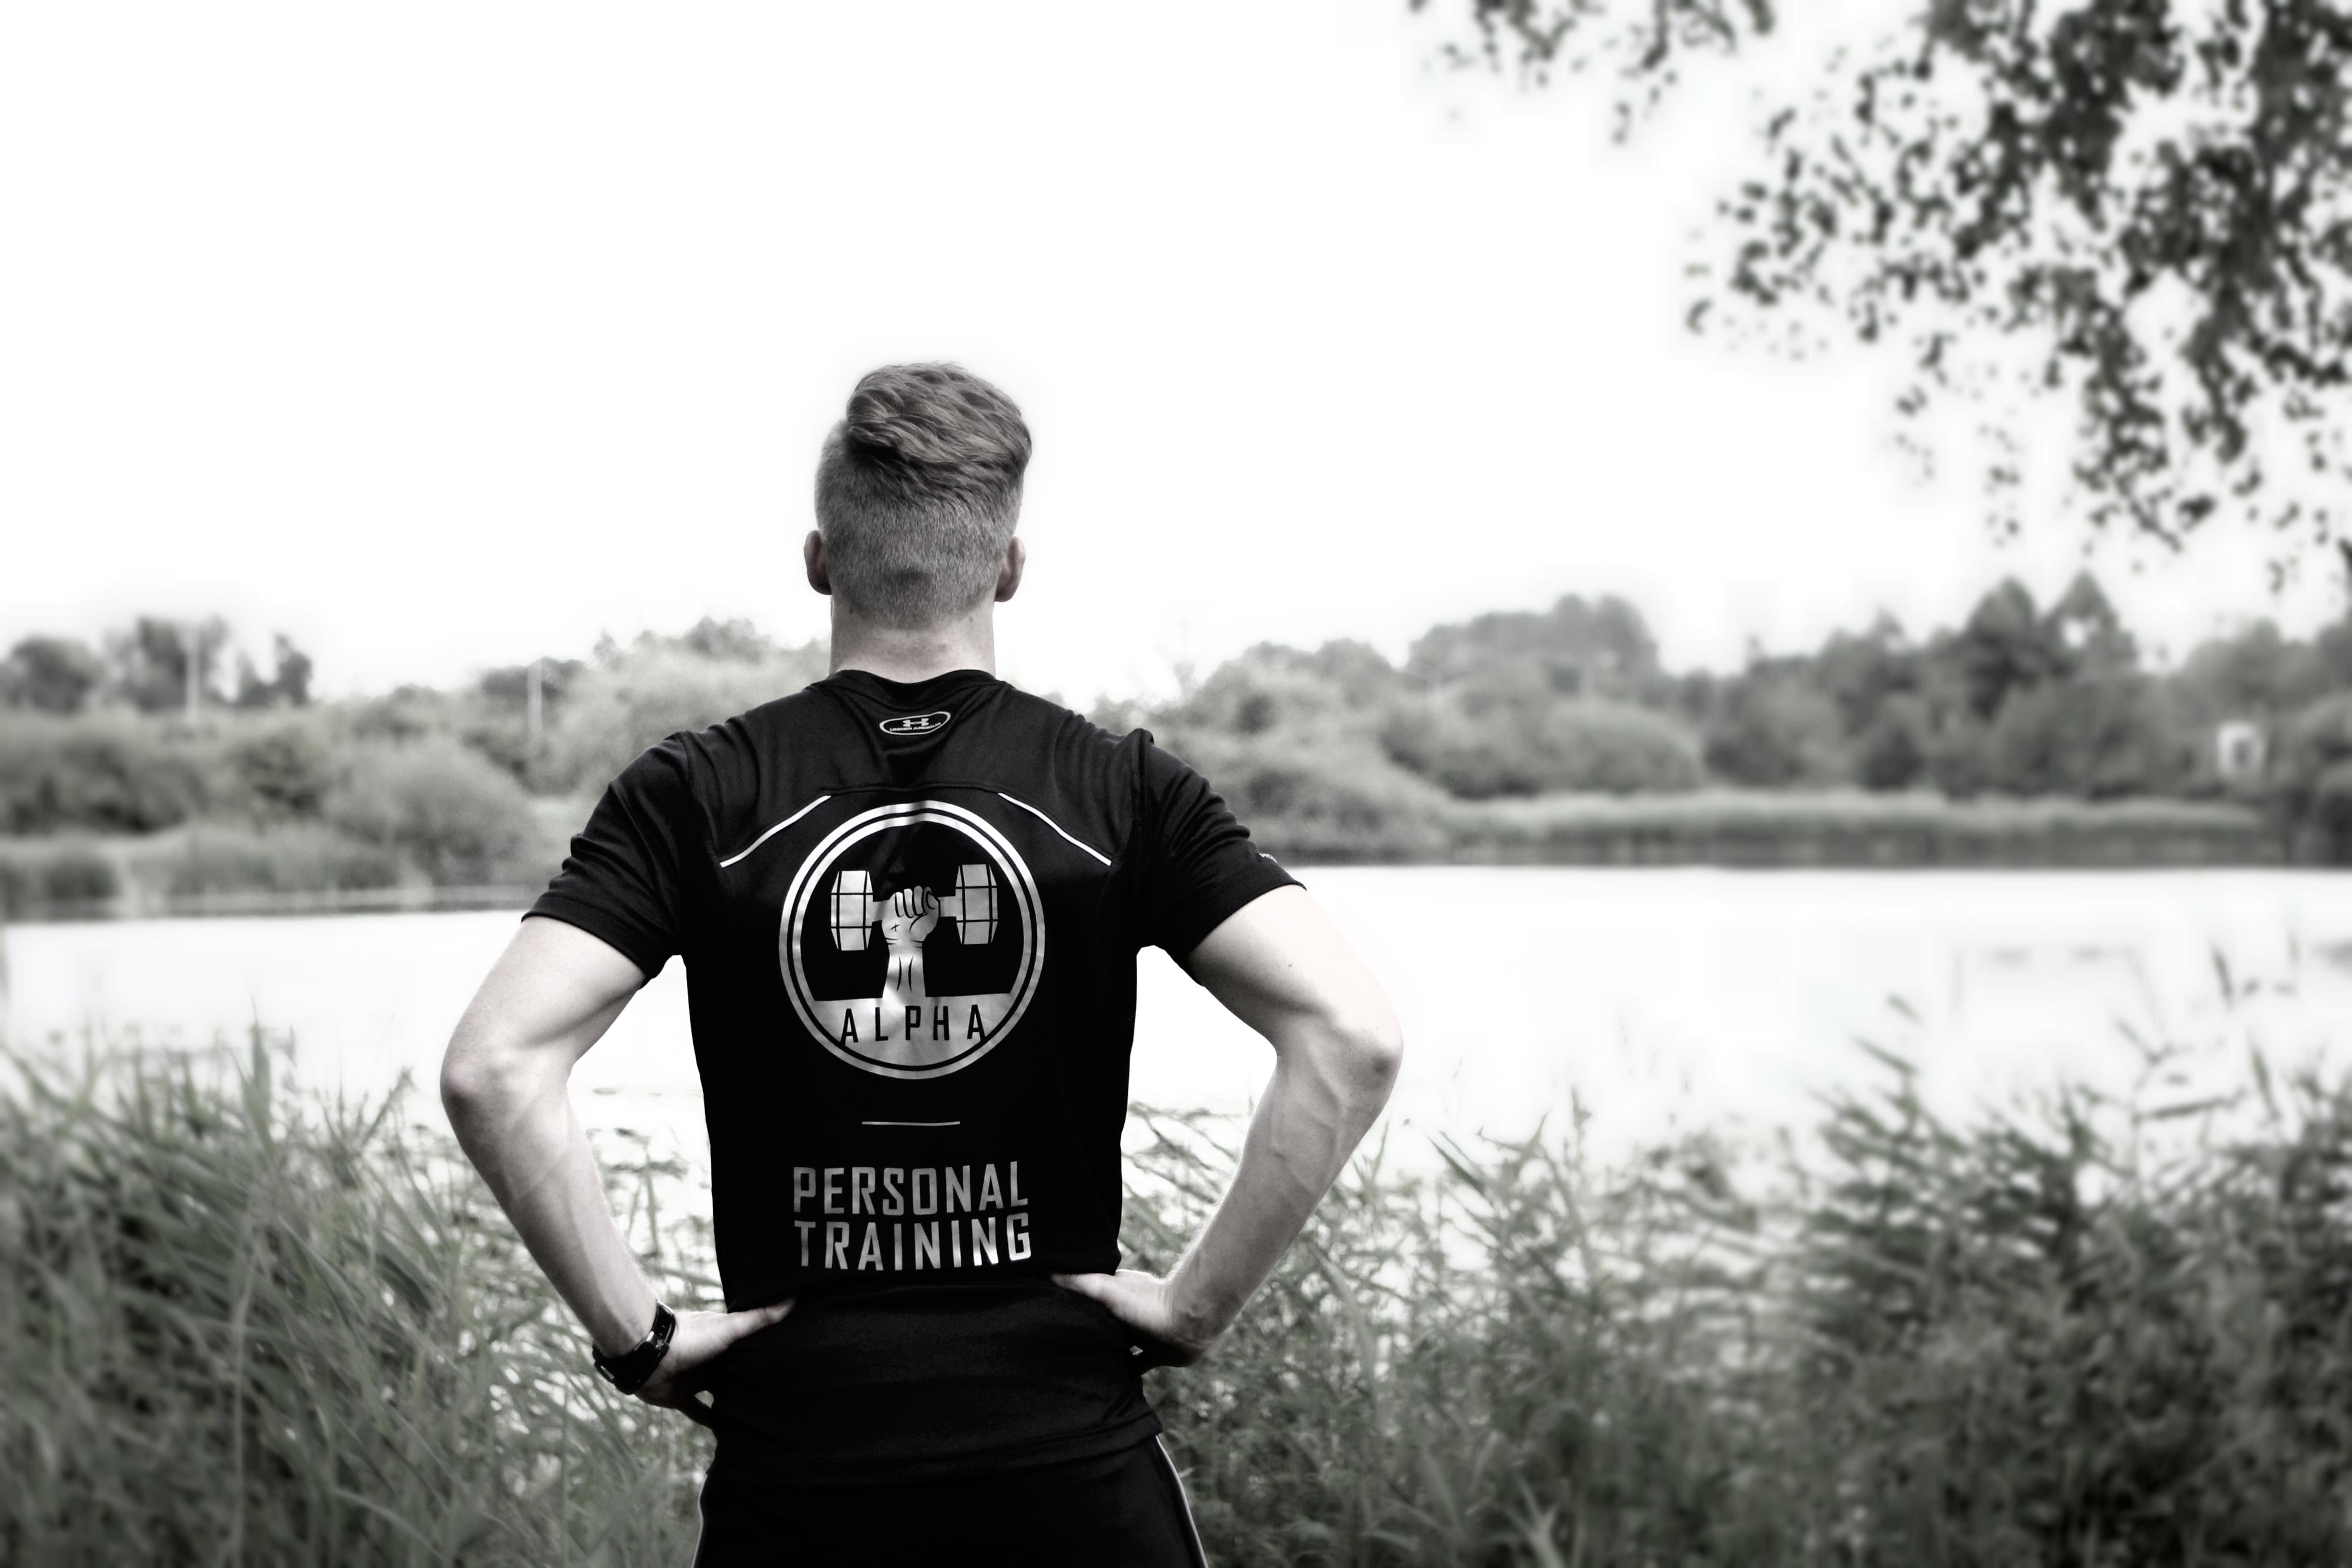 Alpha Personal Training - Vught - Den Bosch